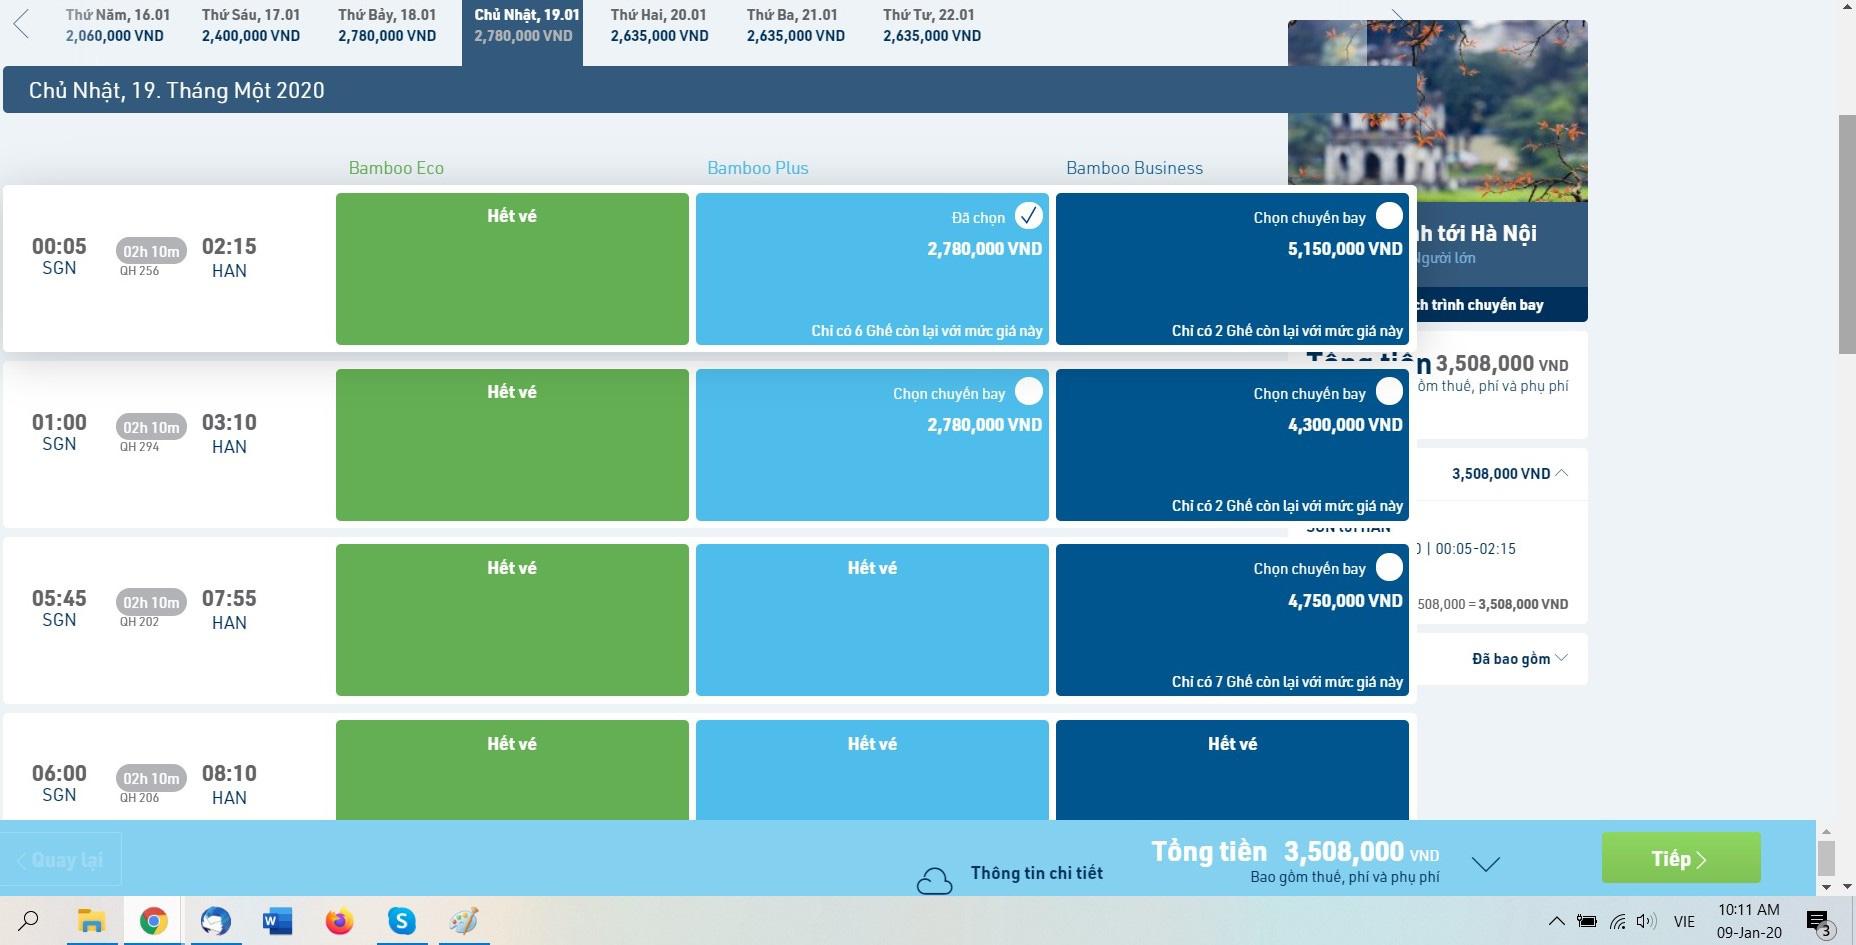 Vé máy bay Tết online vẫn còn nhiều khi hãng bay tăng cường chuyến đêm - Ảnh 5.